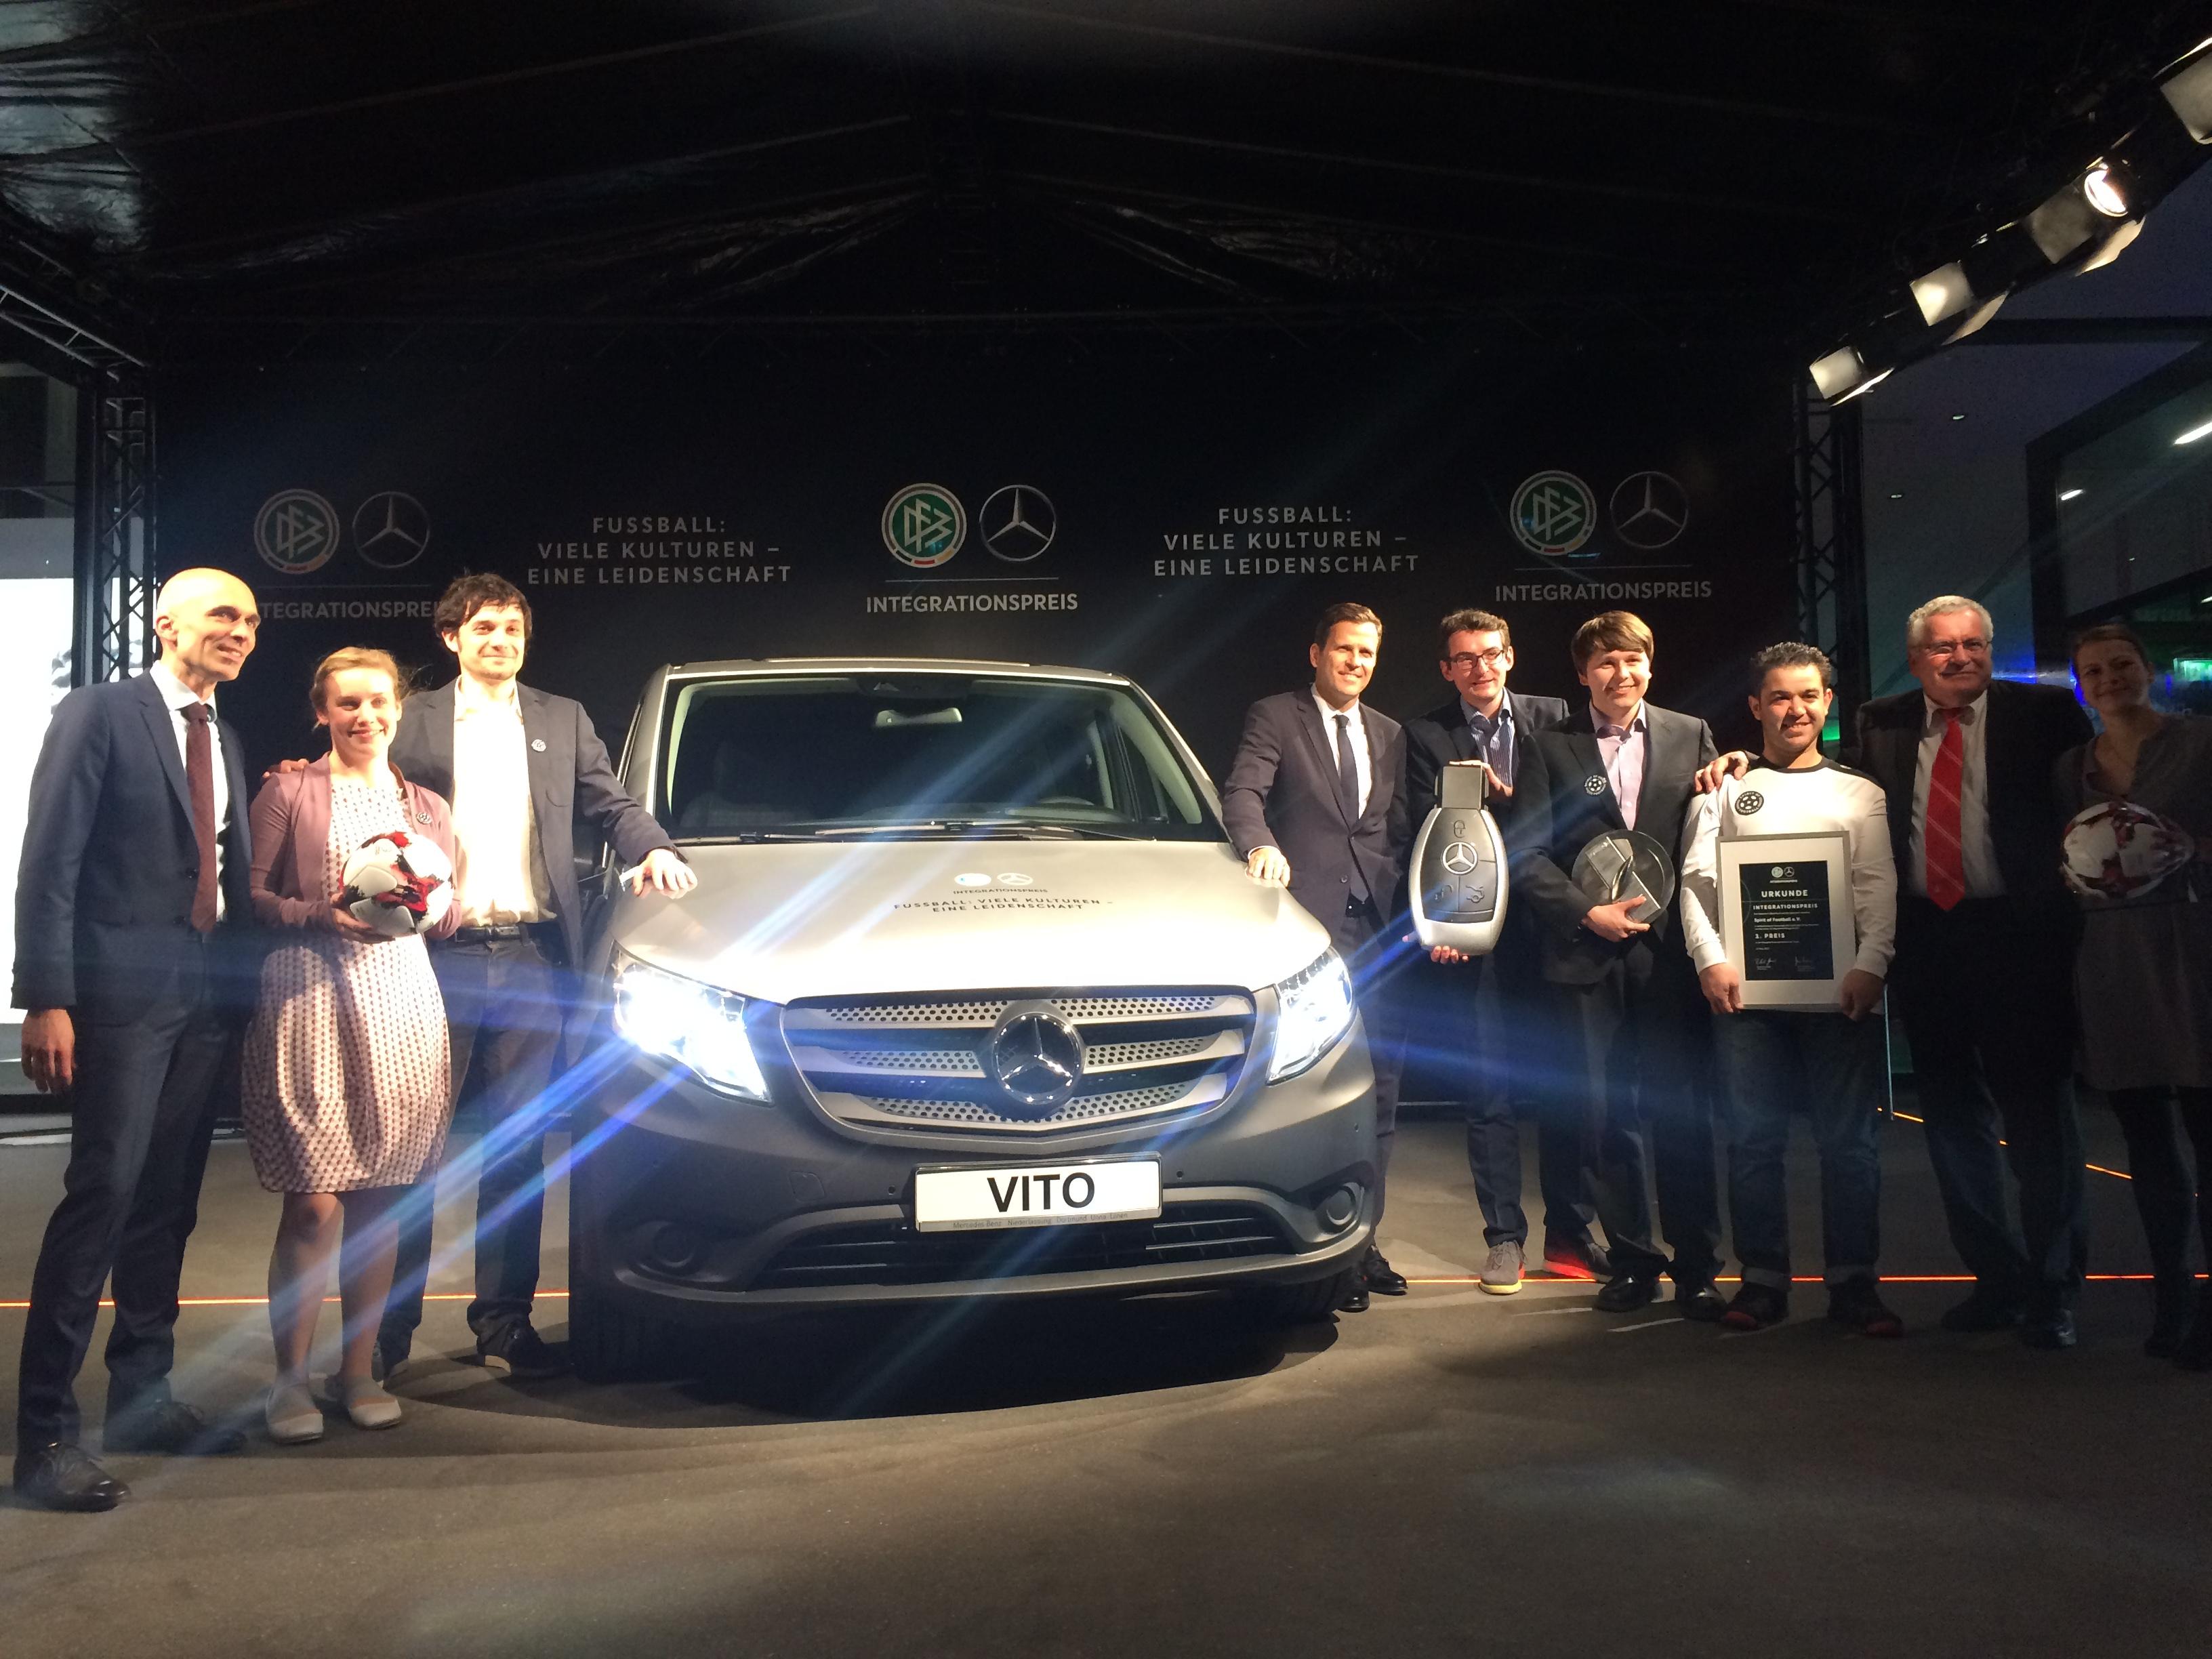 Der Hauptpreis: Ein Mercedes-Benz Vito